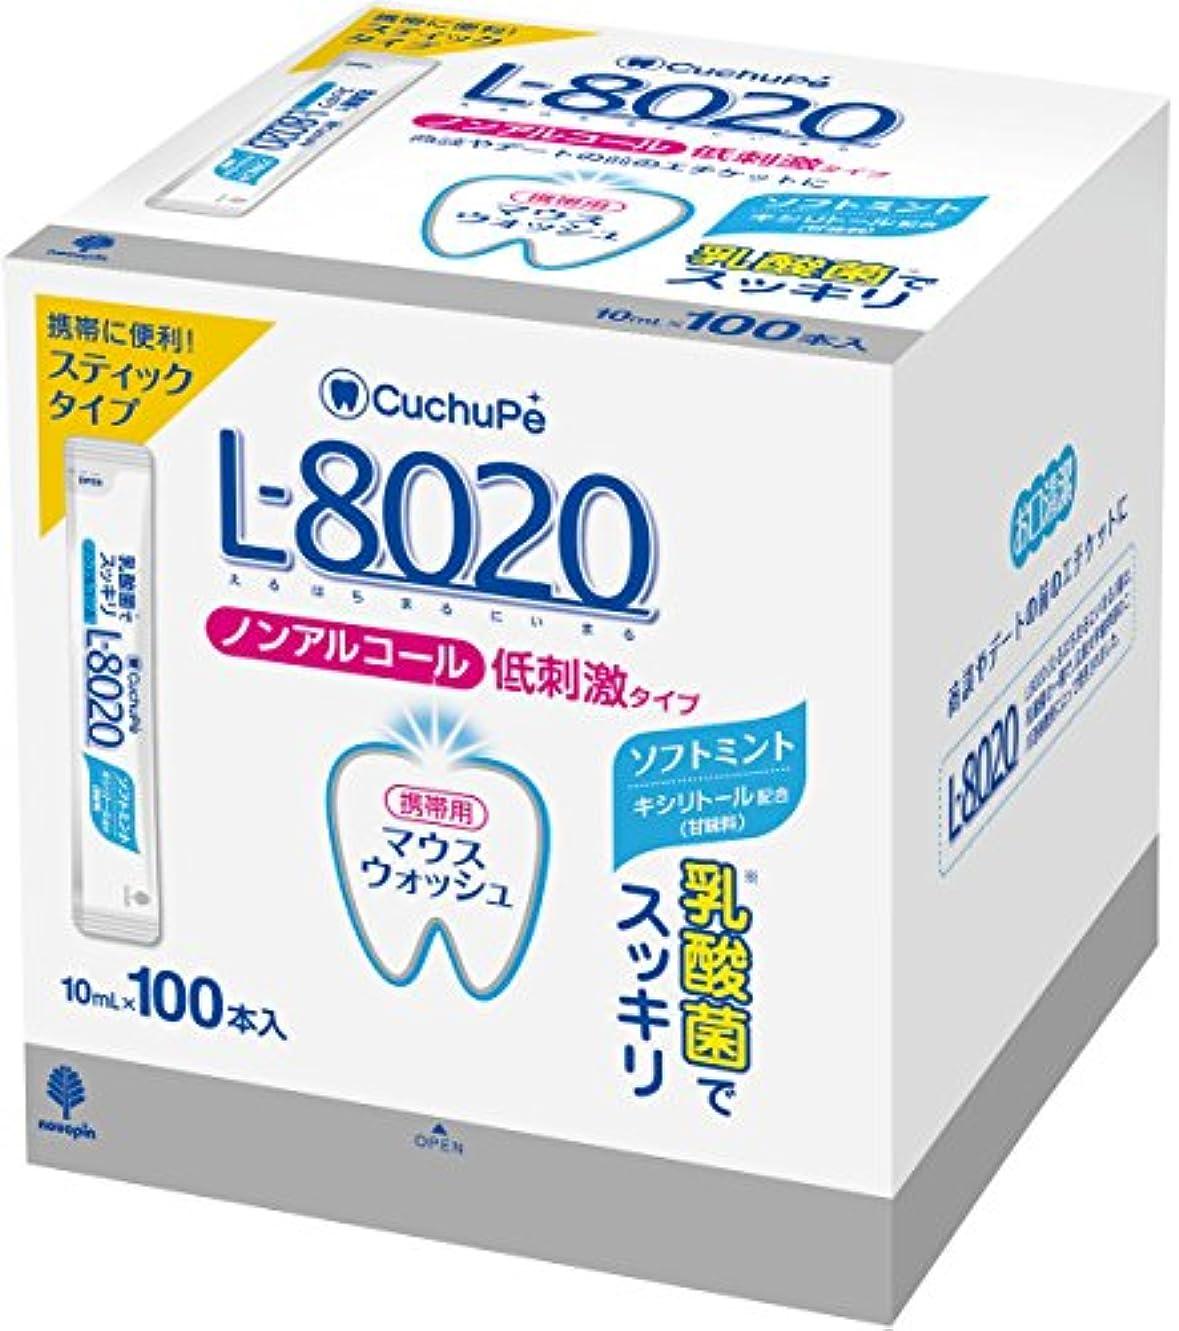 違反傾く同等の紀陽除虫菊 マウスウォッシュ クチュッペ  L-8020  ソフトミント (ノンアルコール) スティックタイプ 100本入